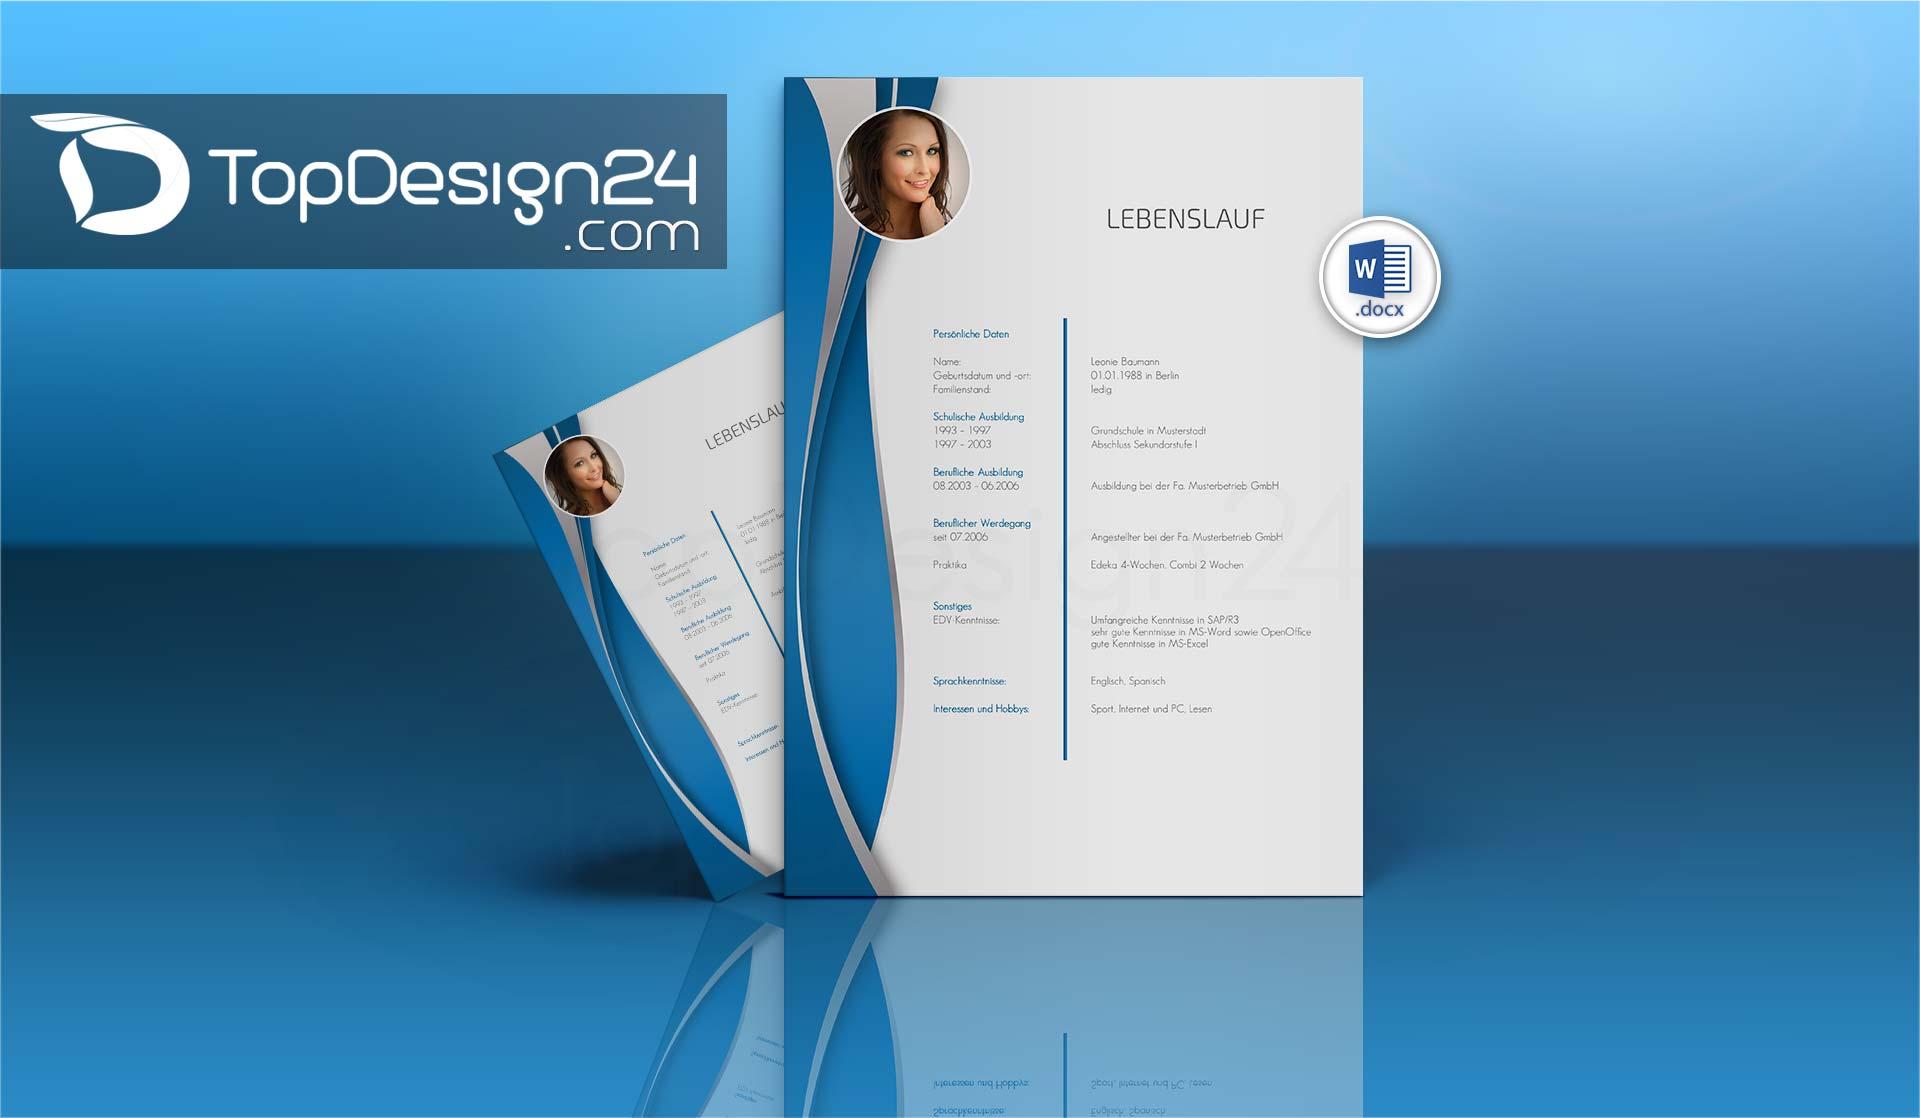 bewerbung layout topdesign24 bewerbungsvorlagen